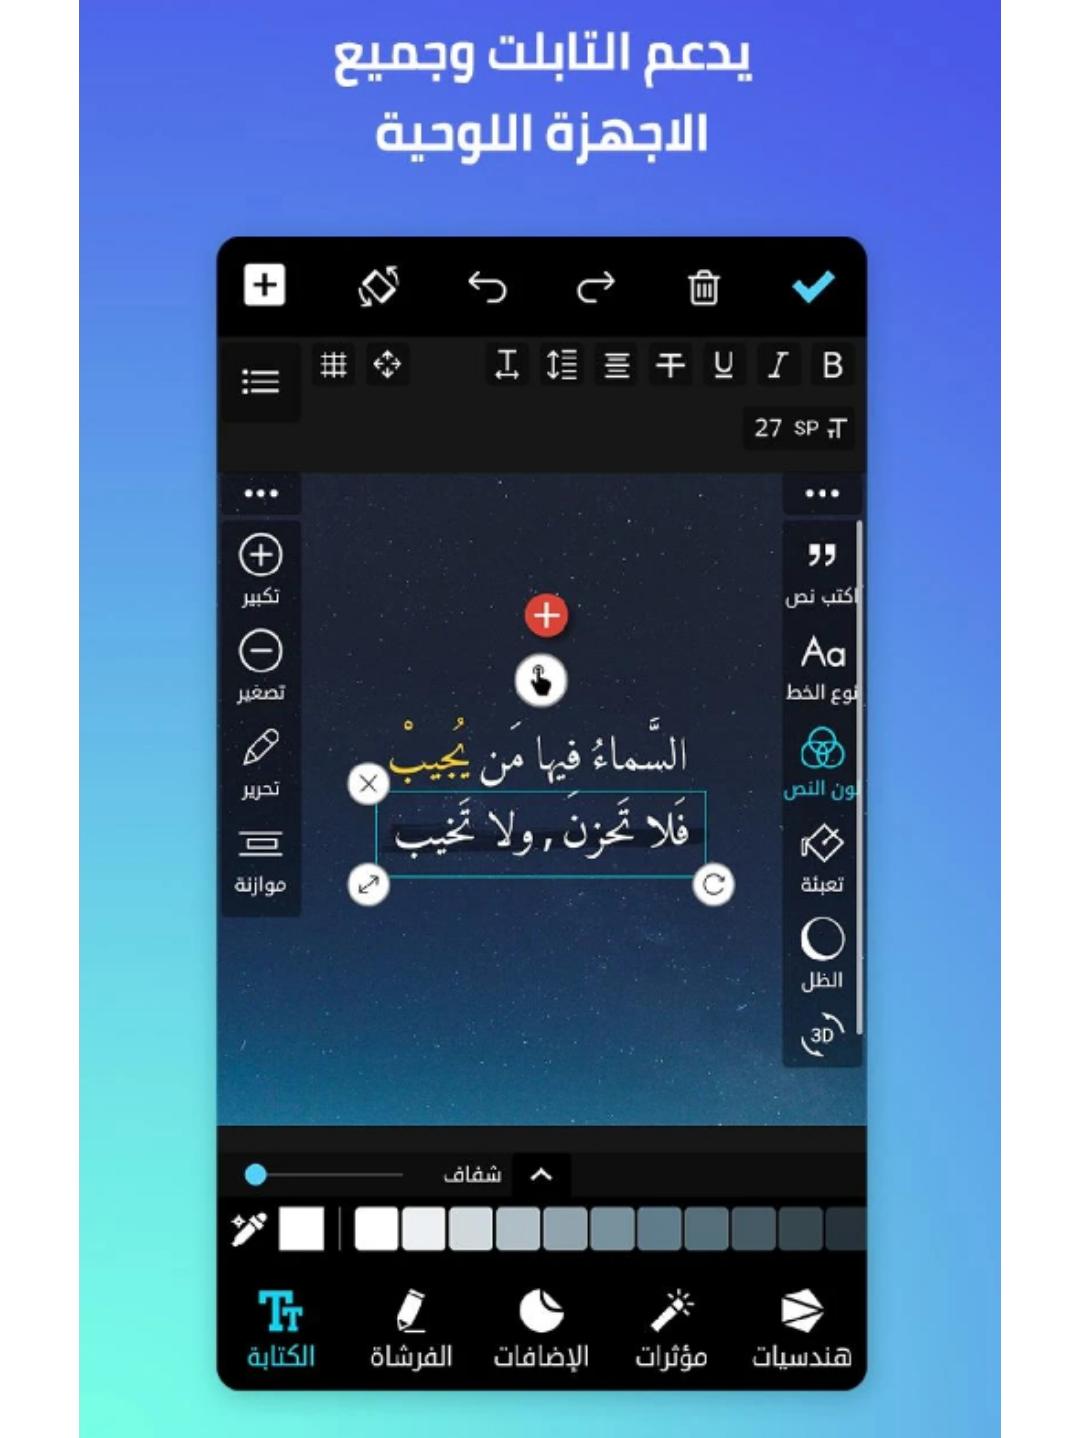 Apk المصمم العربي 2021 للاندرويد